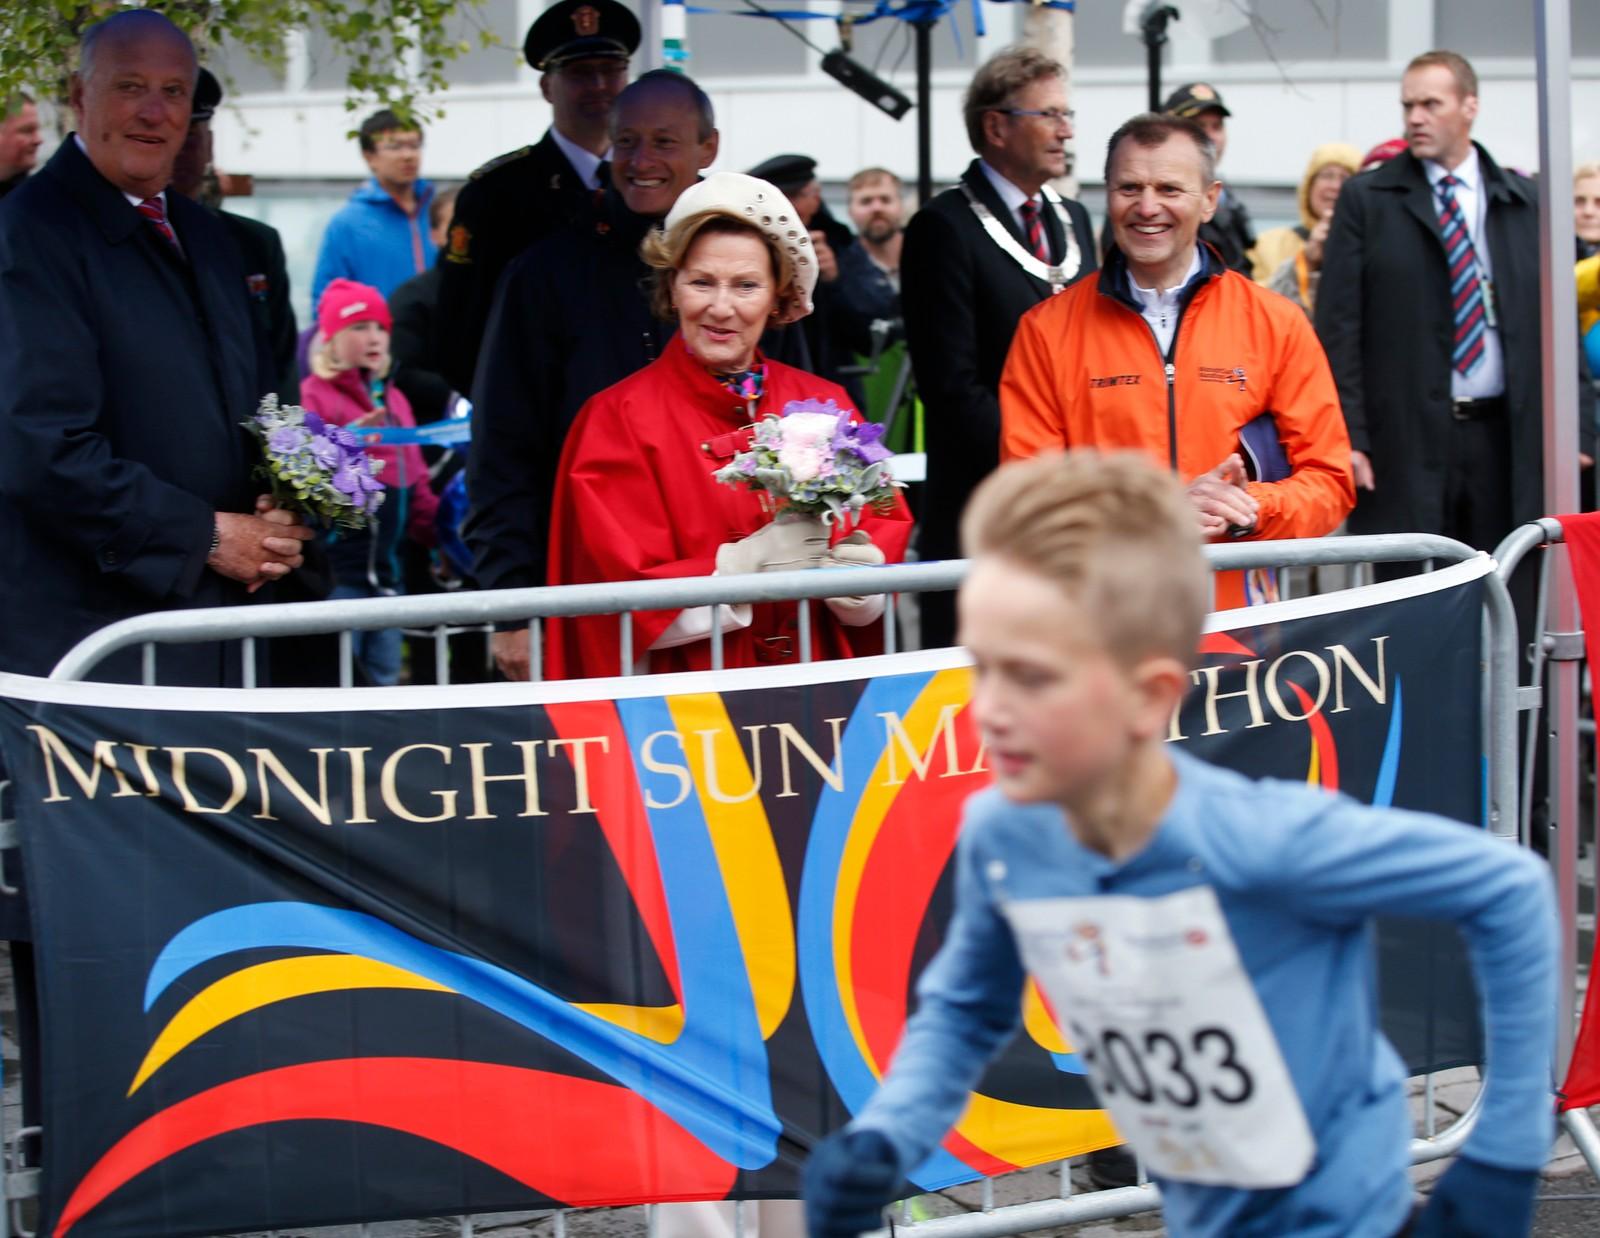 Kong Harald og dronning Sonja deltar på folkefesten på Stortorget og overværer Labb og Line-barneløpet lørdag. Reisen inngår som en del av markeringen av Kongeparets 25-årsjubileum. Nils Hætta (orange), leder av Midnight Sun Marathon tar imot kongeparet. Foto: Lise Åserud / NTB scanpix